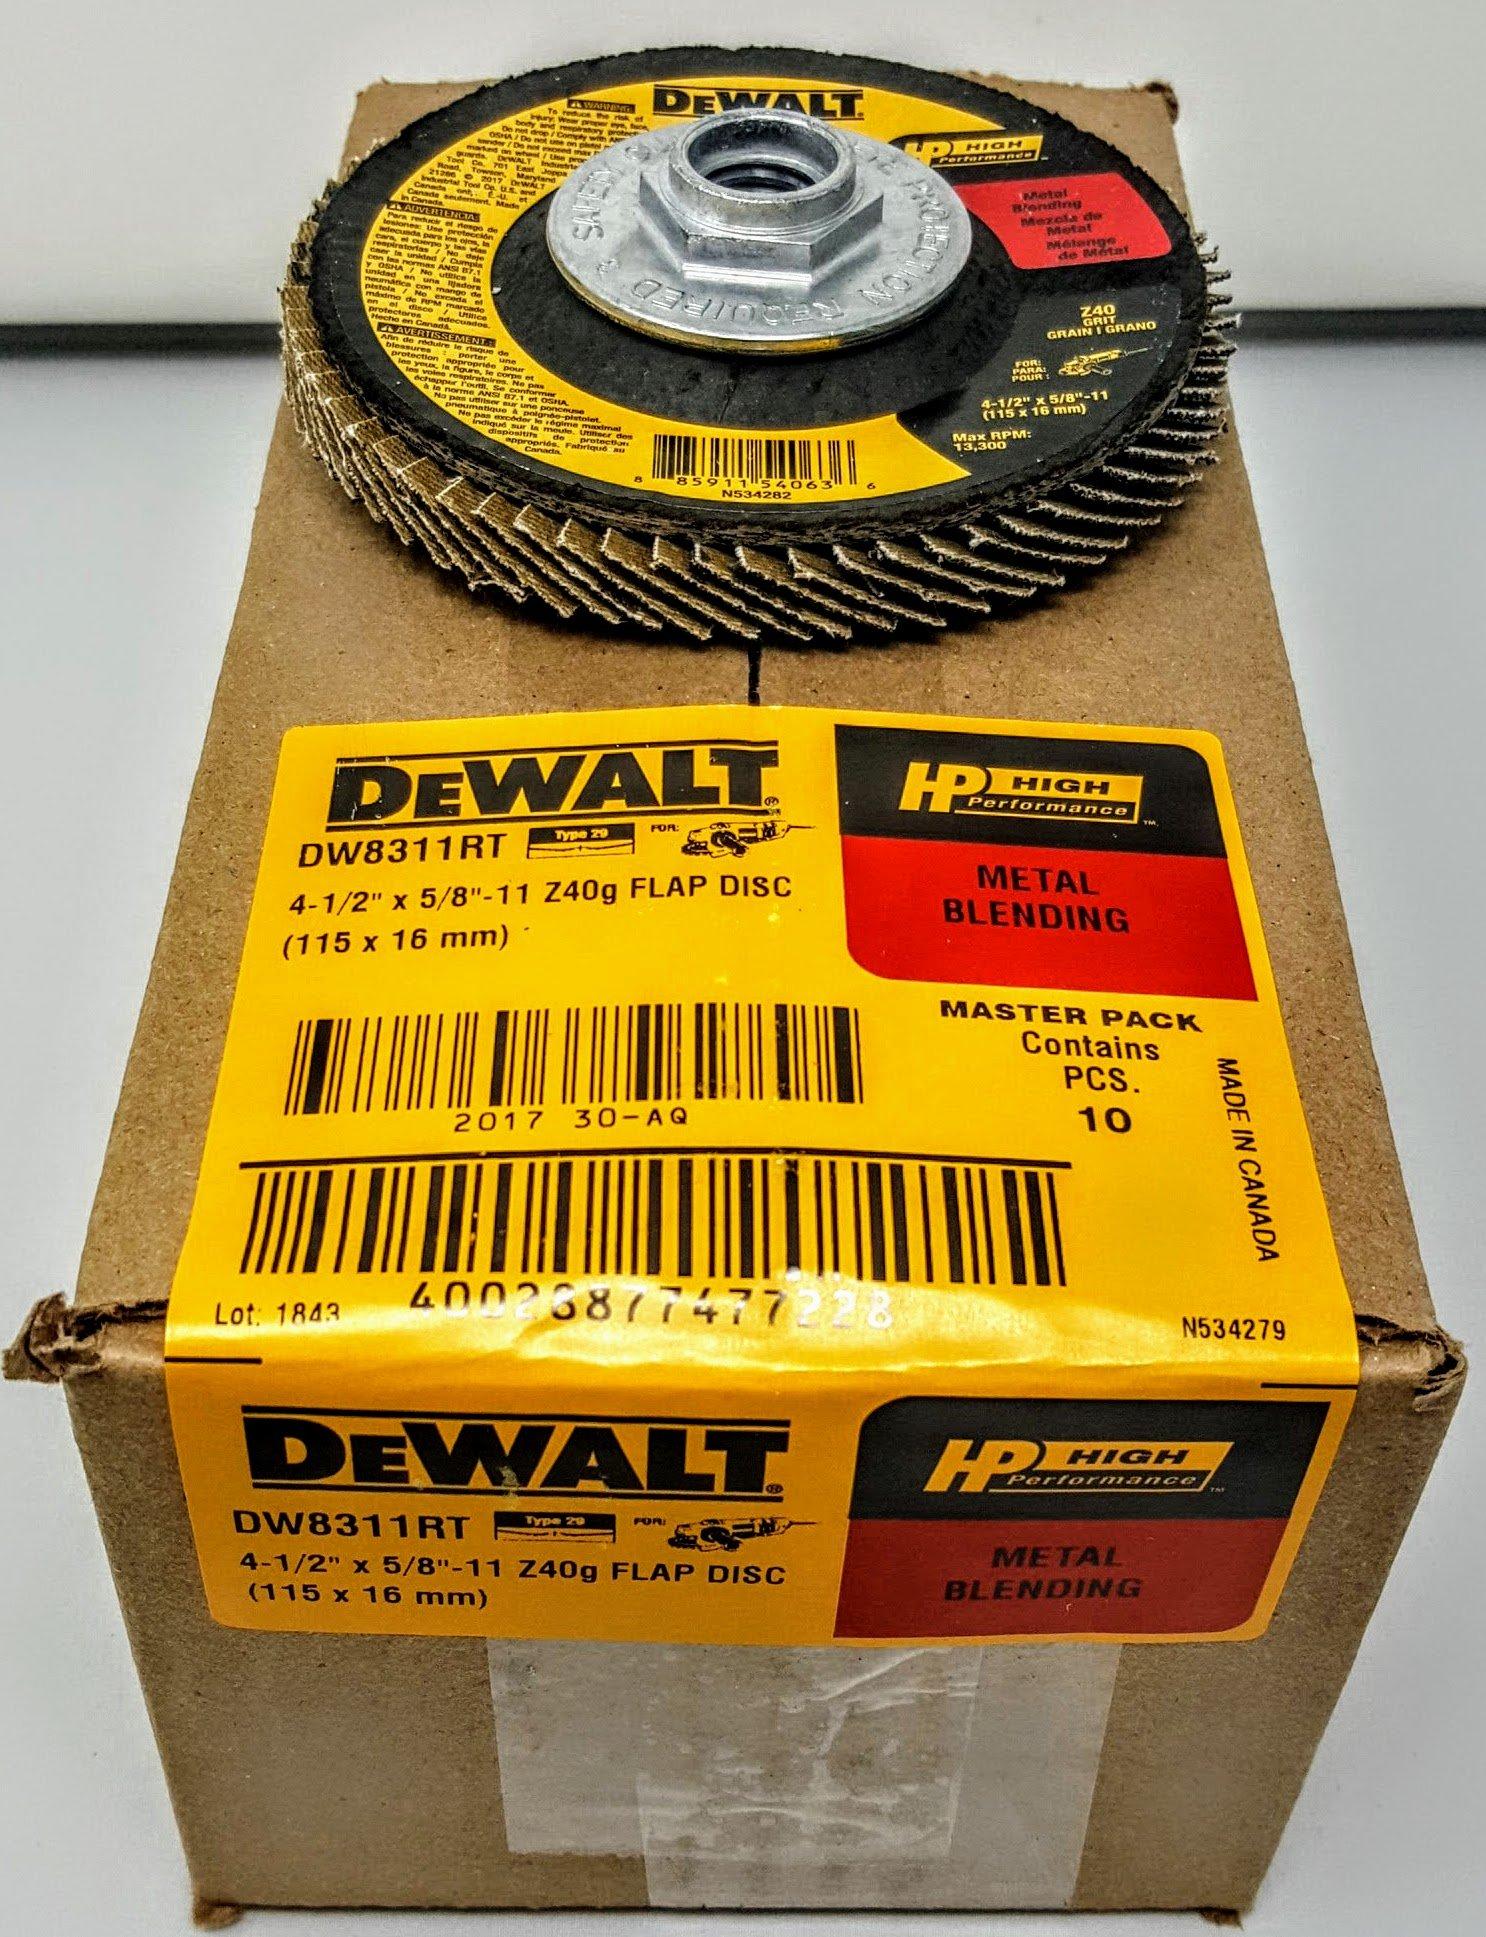 DEWALT DW8311RT 4-1/2'' x 5/8''-11 Thread 40 grit High-Performance Flap Disc (10)